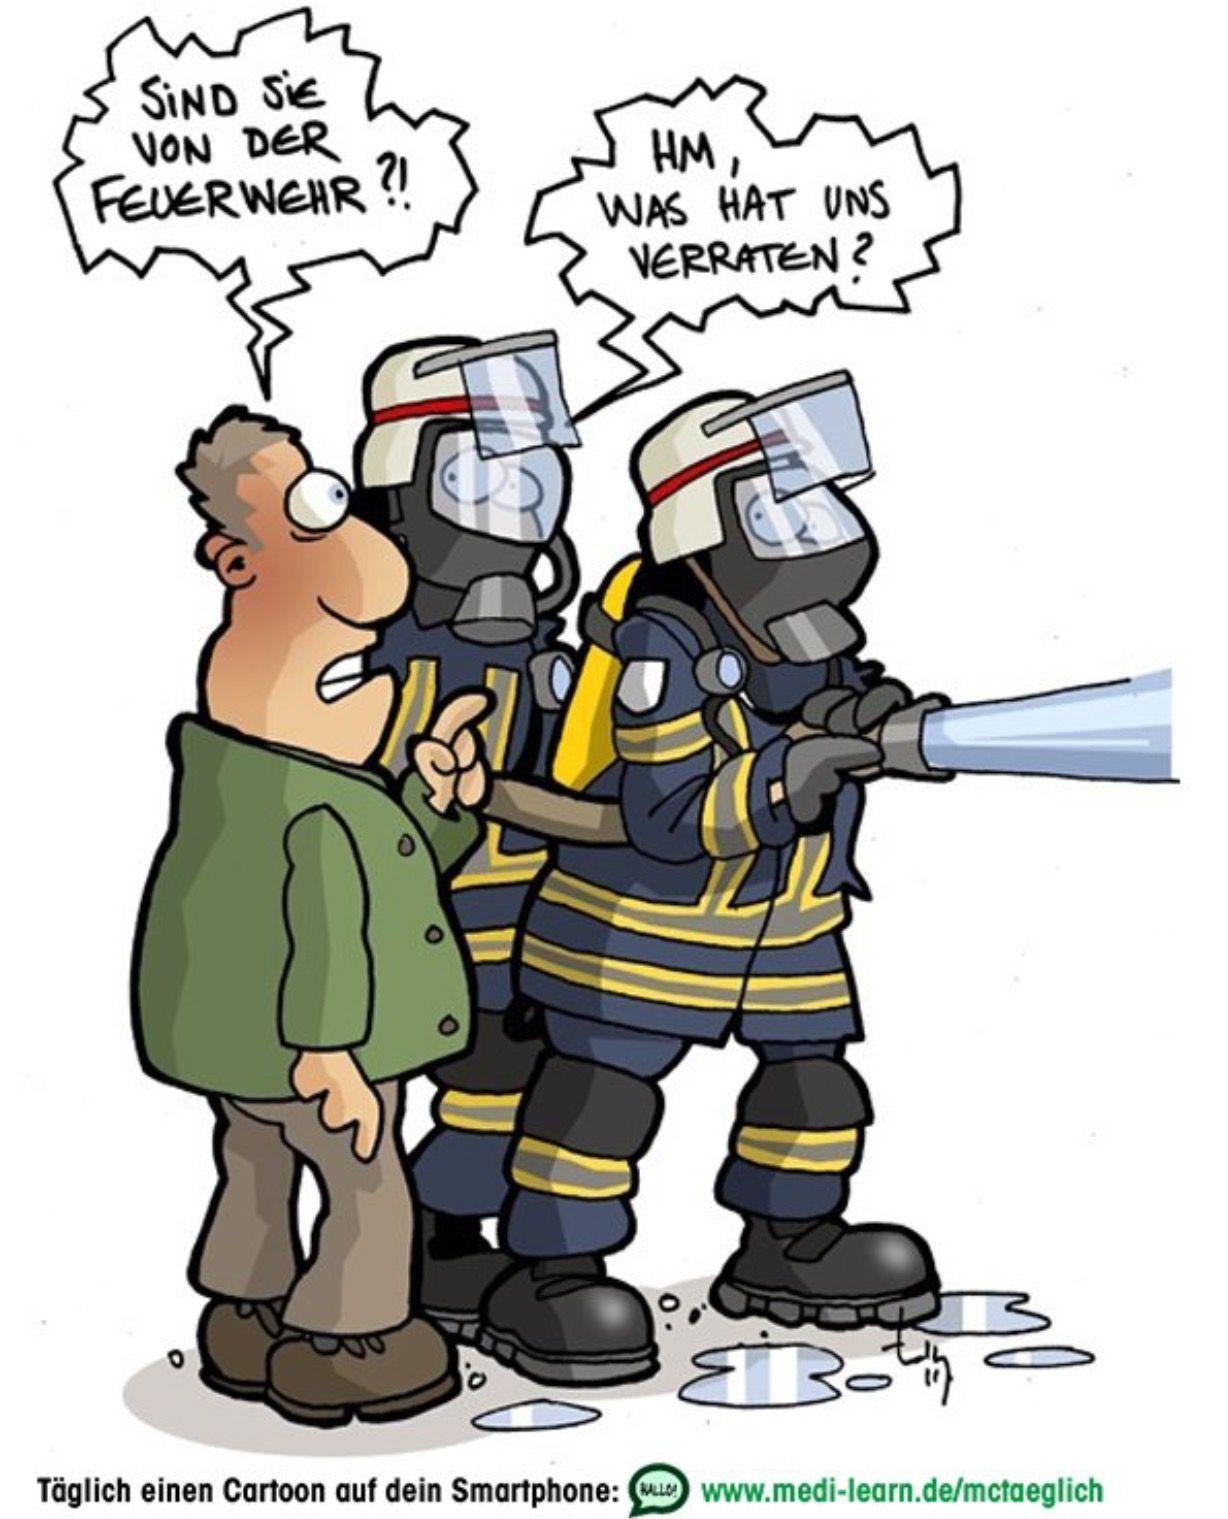 Pin von Olaf Gahre auf medi learn cartoon | Feuerwehr